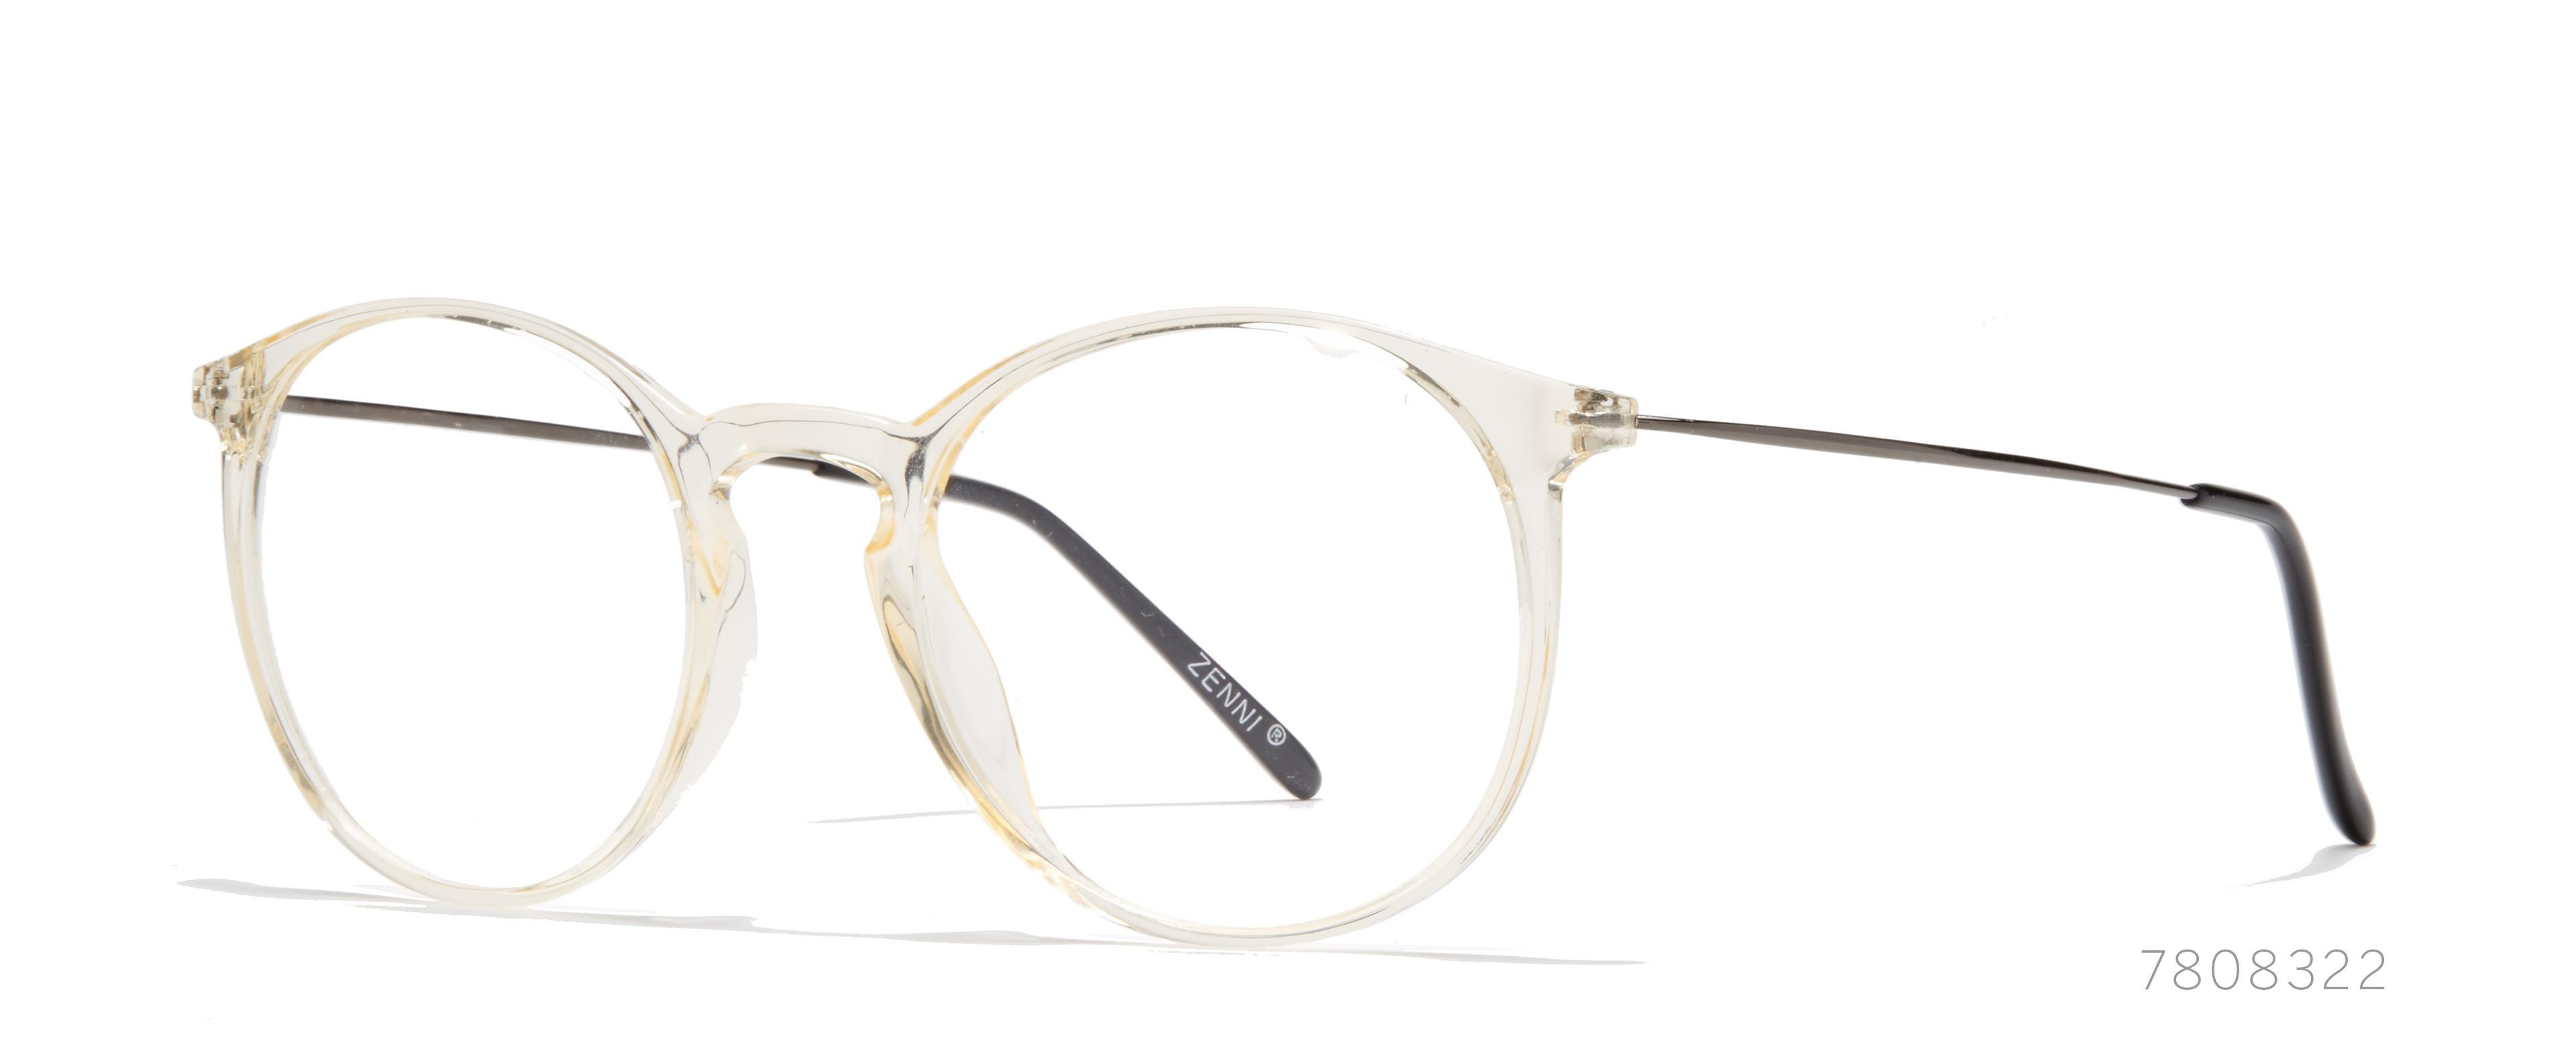 glasses for heart shape face man